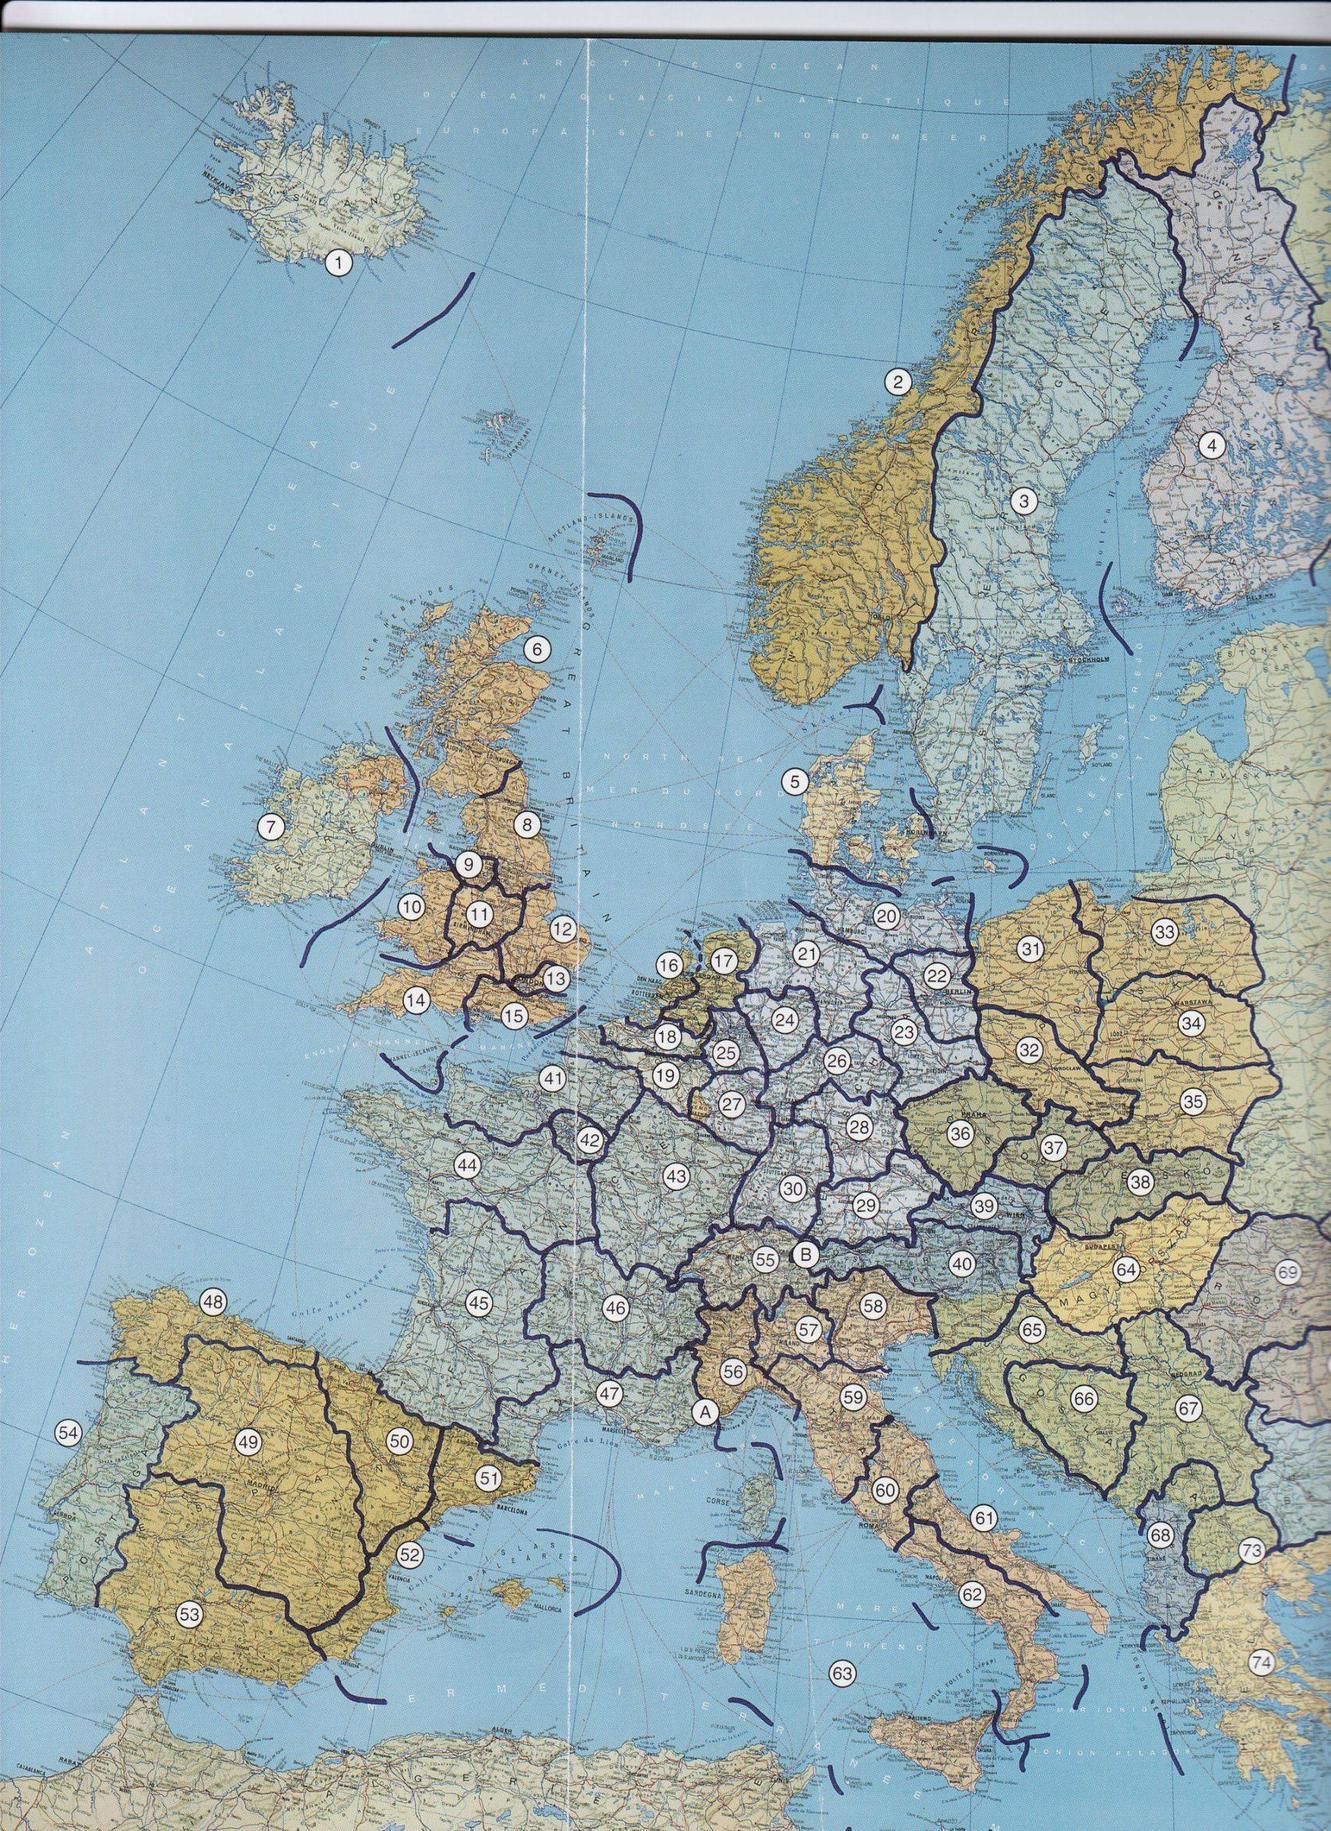 Eurotopia - Stany Zjednoczone Europy wg koncepcji Heinekena